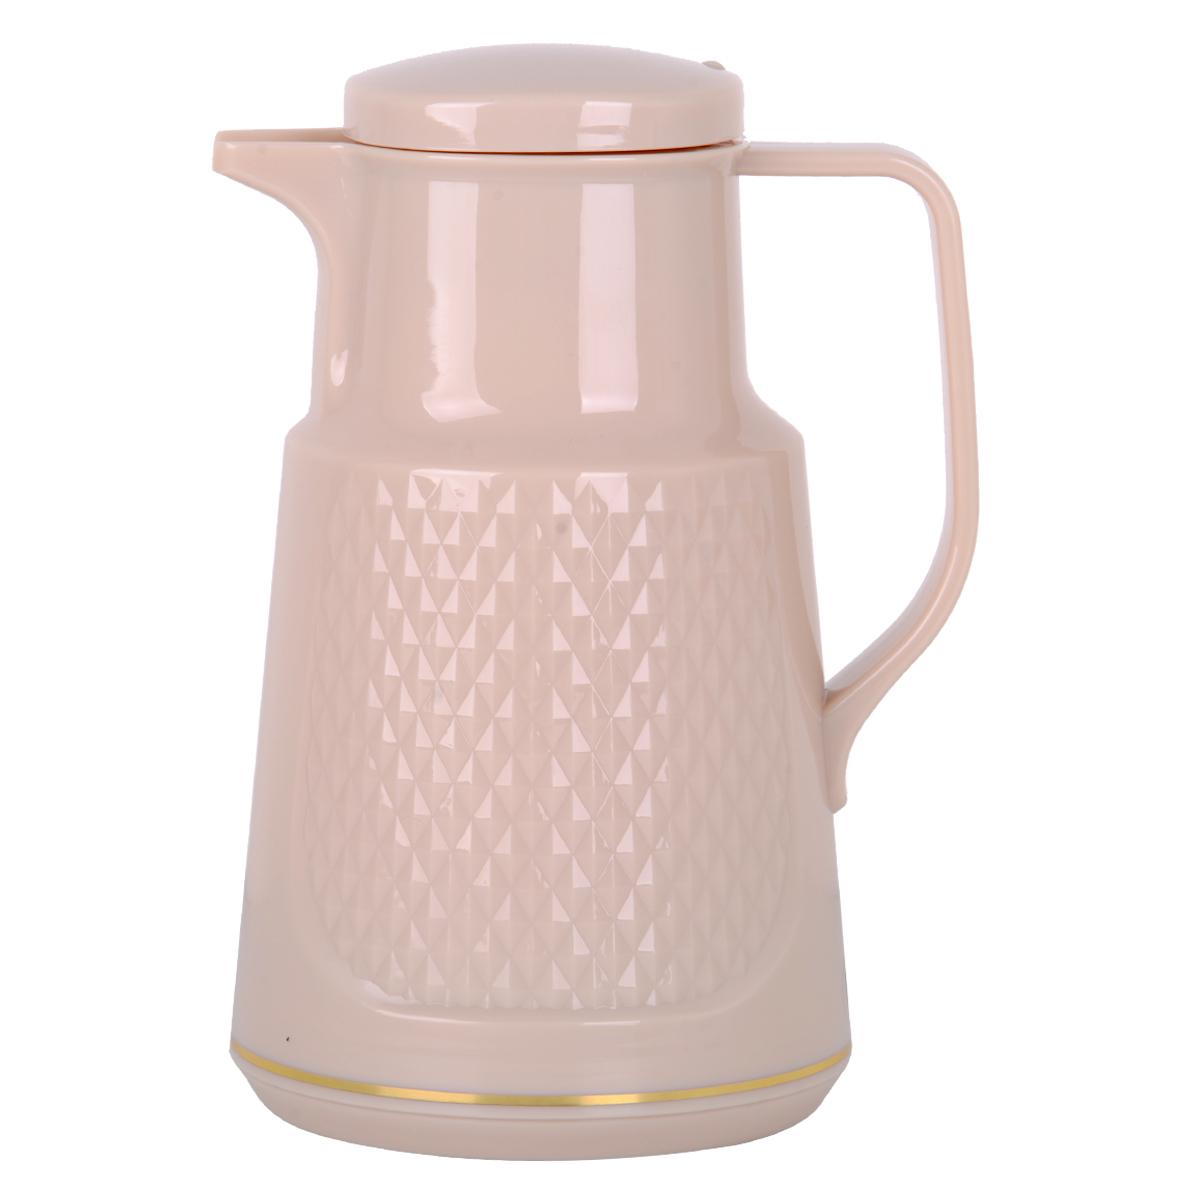 مور تايم - ترمس شاي وقهوة بلاستيك - 0.5 لتر - متعدد الالوان - MY-30002